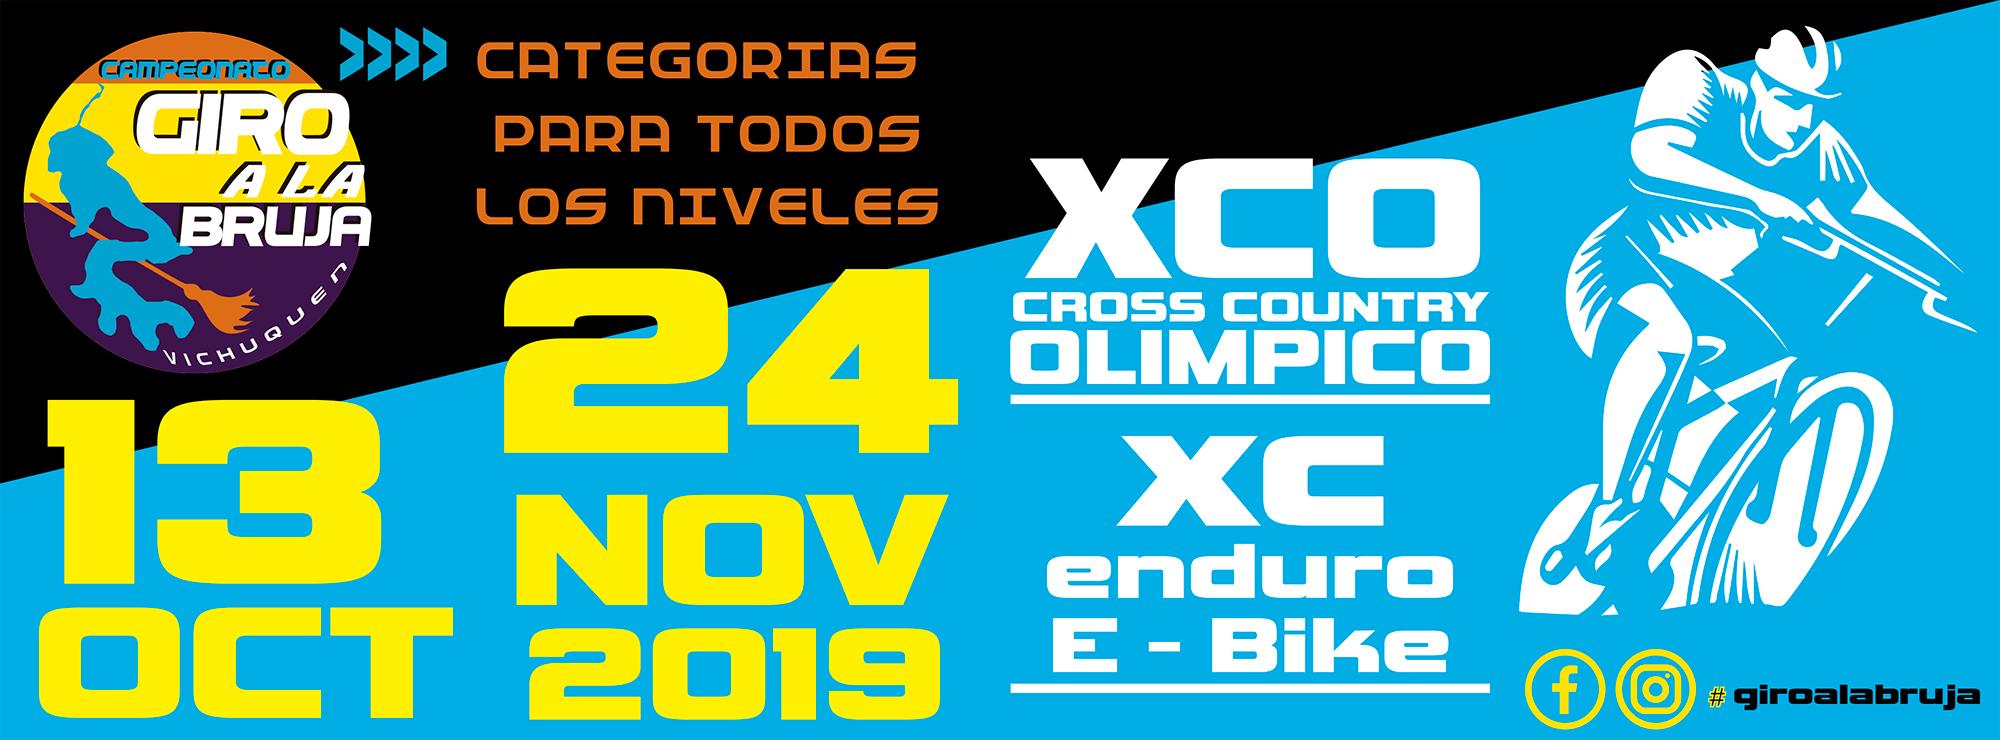 Canpeoato XCO Giro a la Bruja - Vichuquen